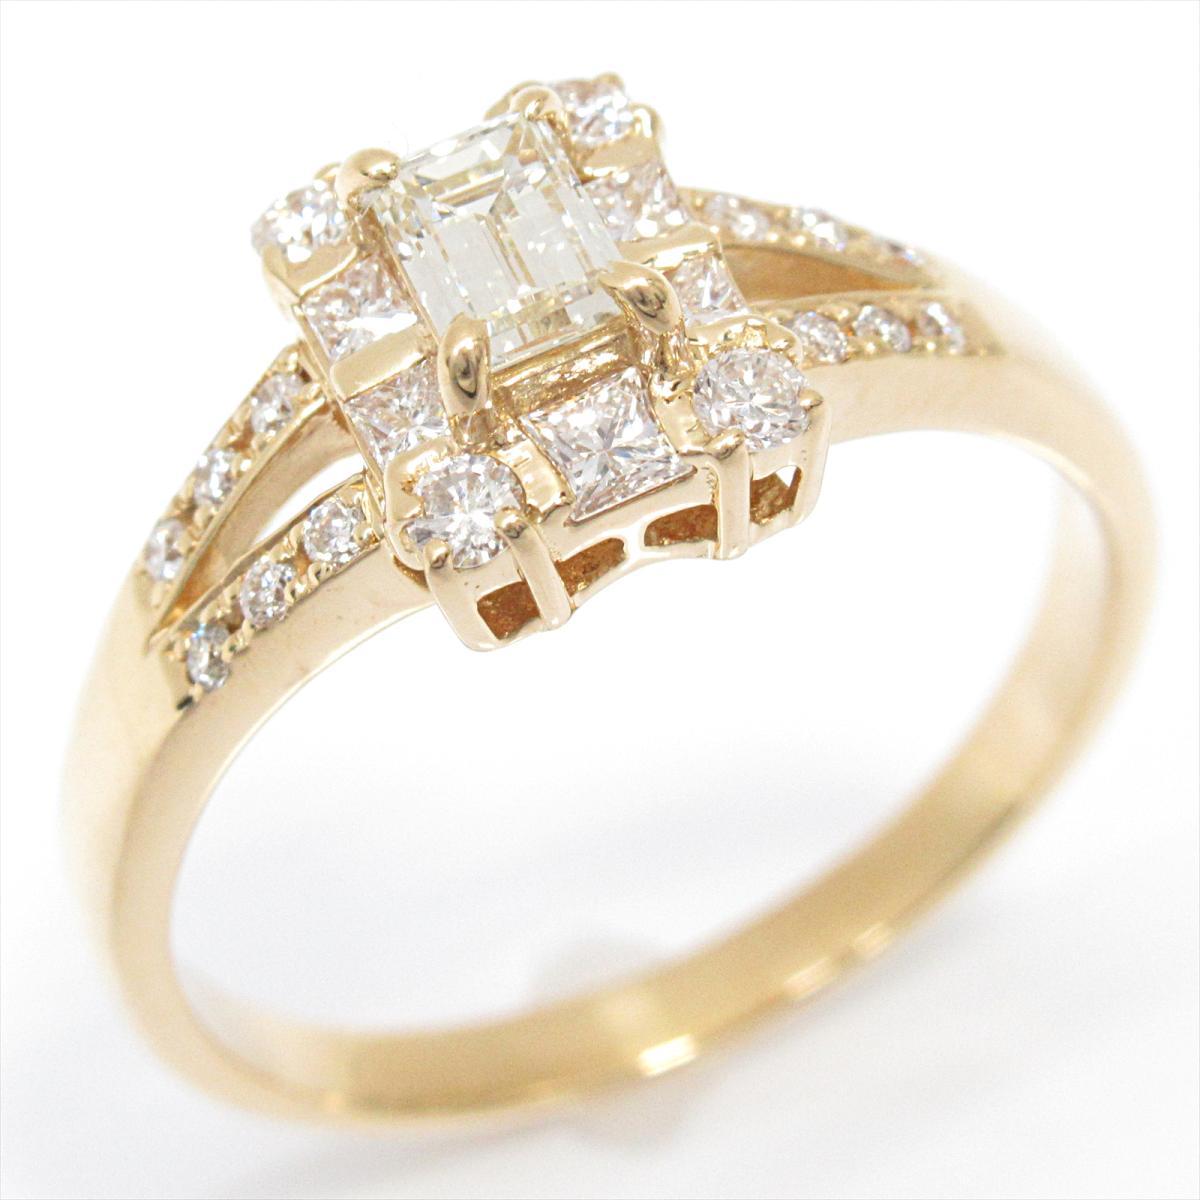 【中古】 ジュエリー ダイヤモンド リング 指輪 レディース K18YG (750) イエローゴールド x (0.366/0.45ct) | JEWELRY BRANDOFF ブランドオフ ブランド アクセサリー